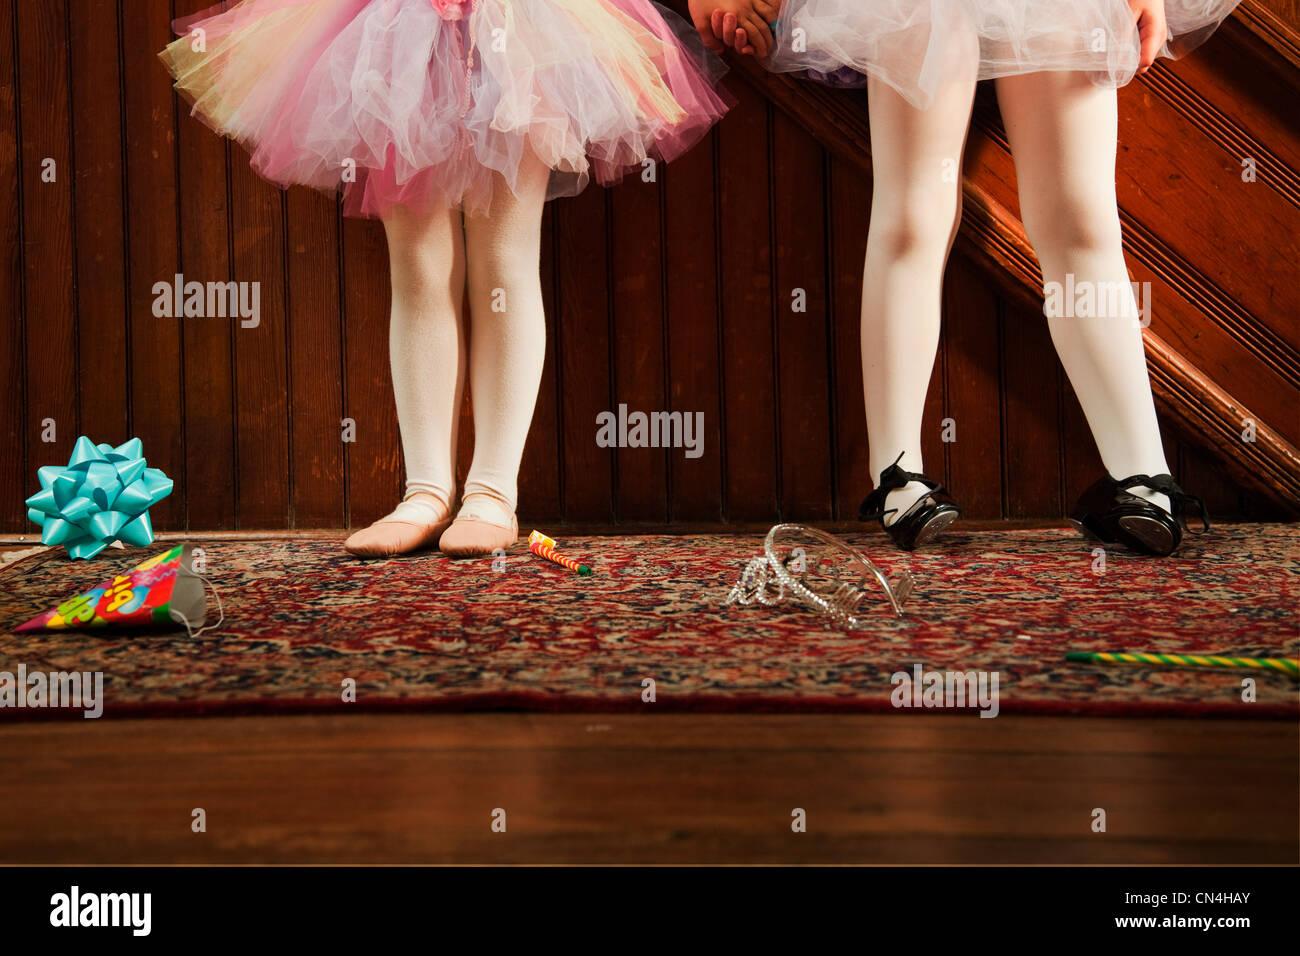 Bajo la sección de niñas vestidos de tutu Imagen De Stock